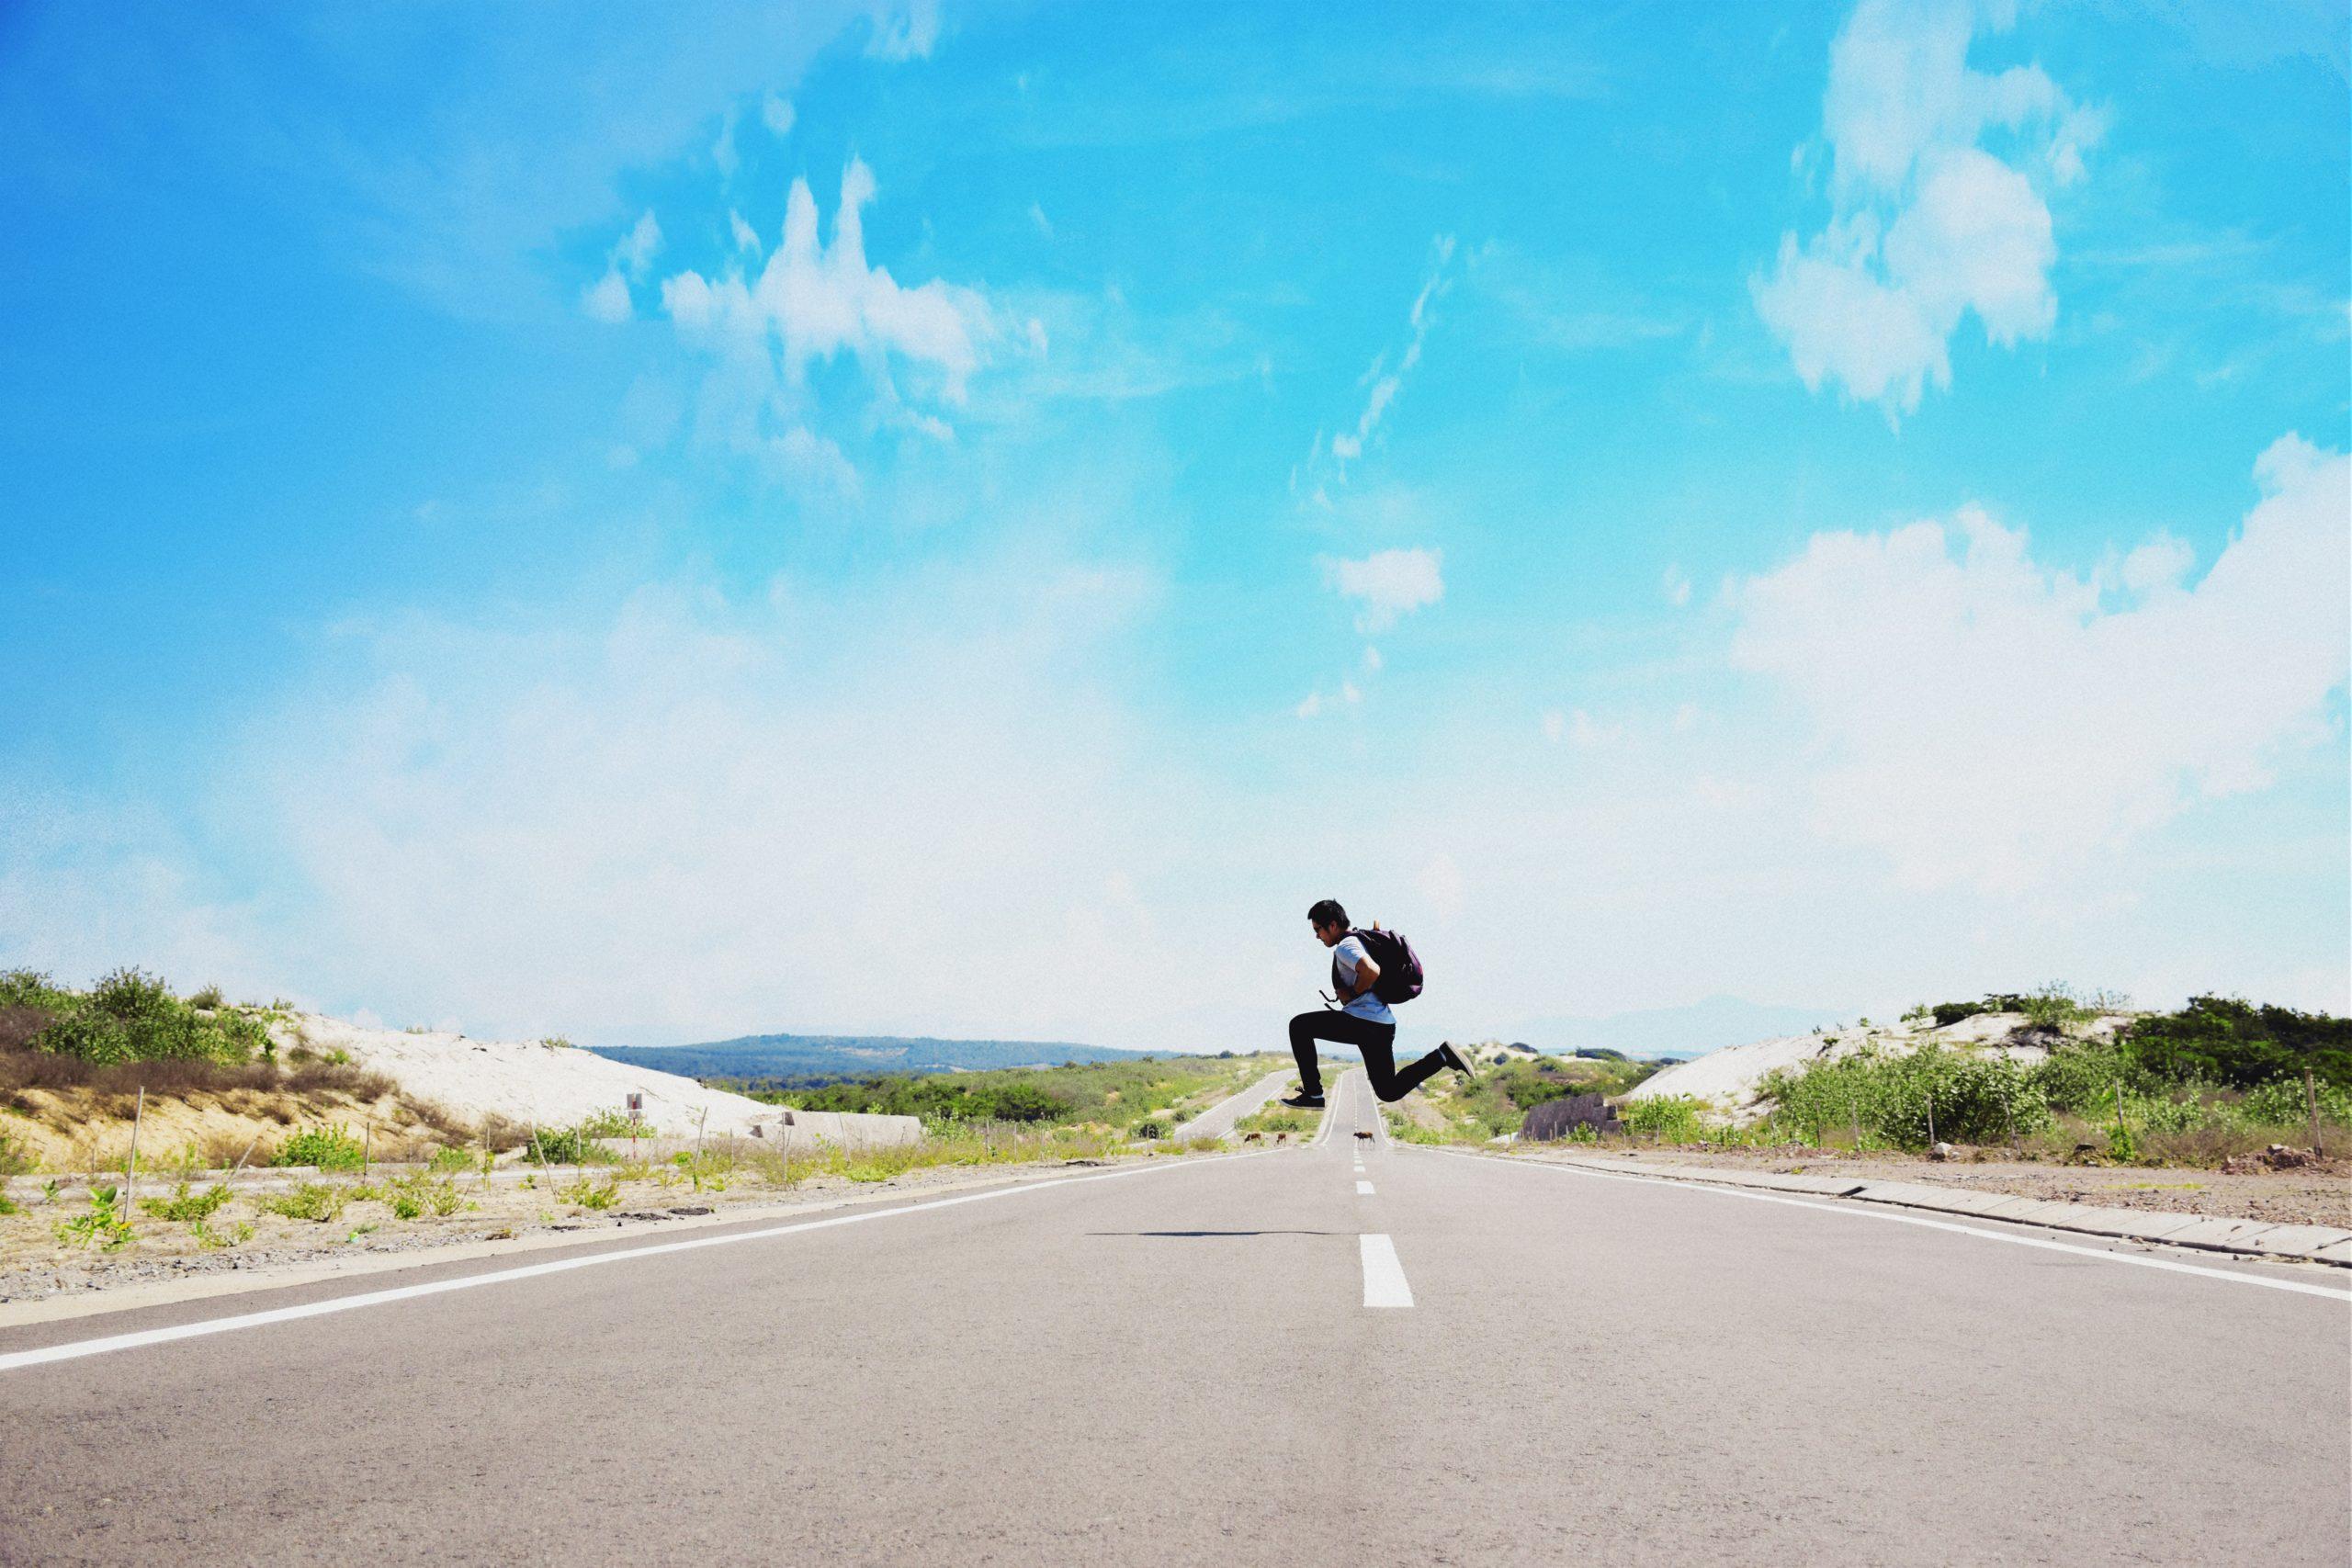 仕事から逃げたいときの対処法6選【体調に現れたらスグ辞めるべき】